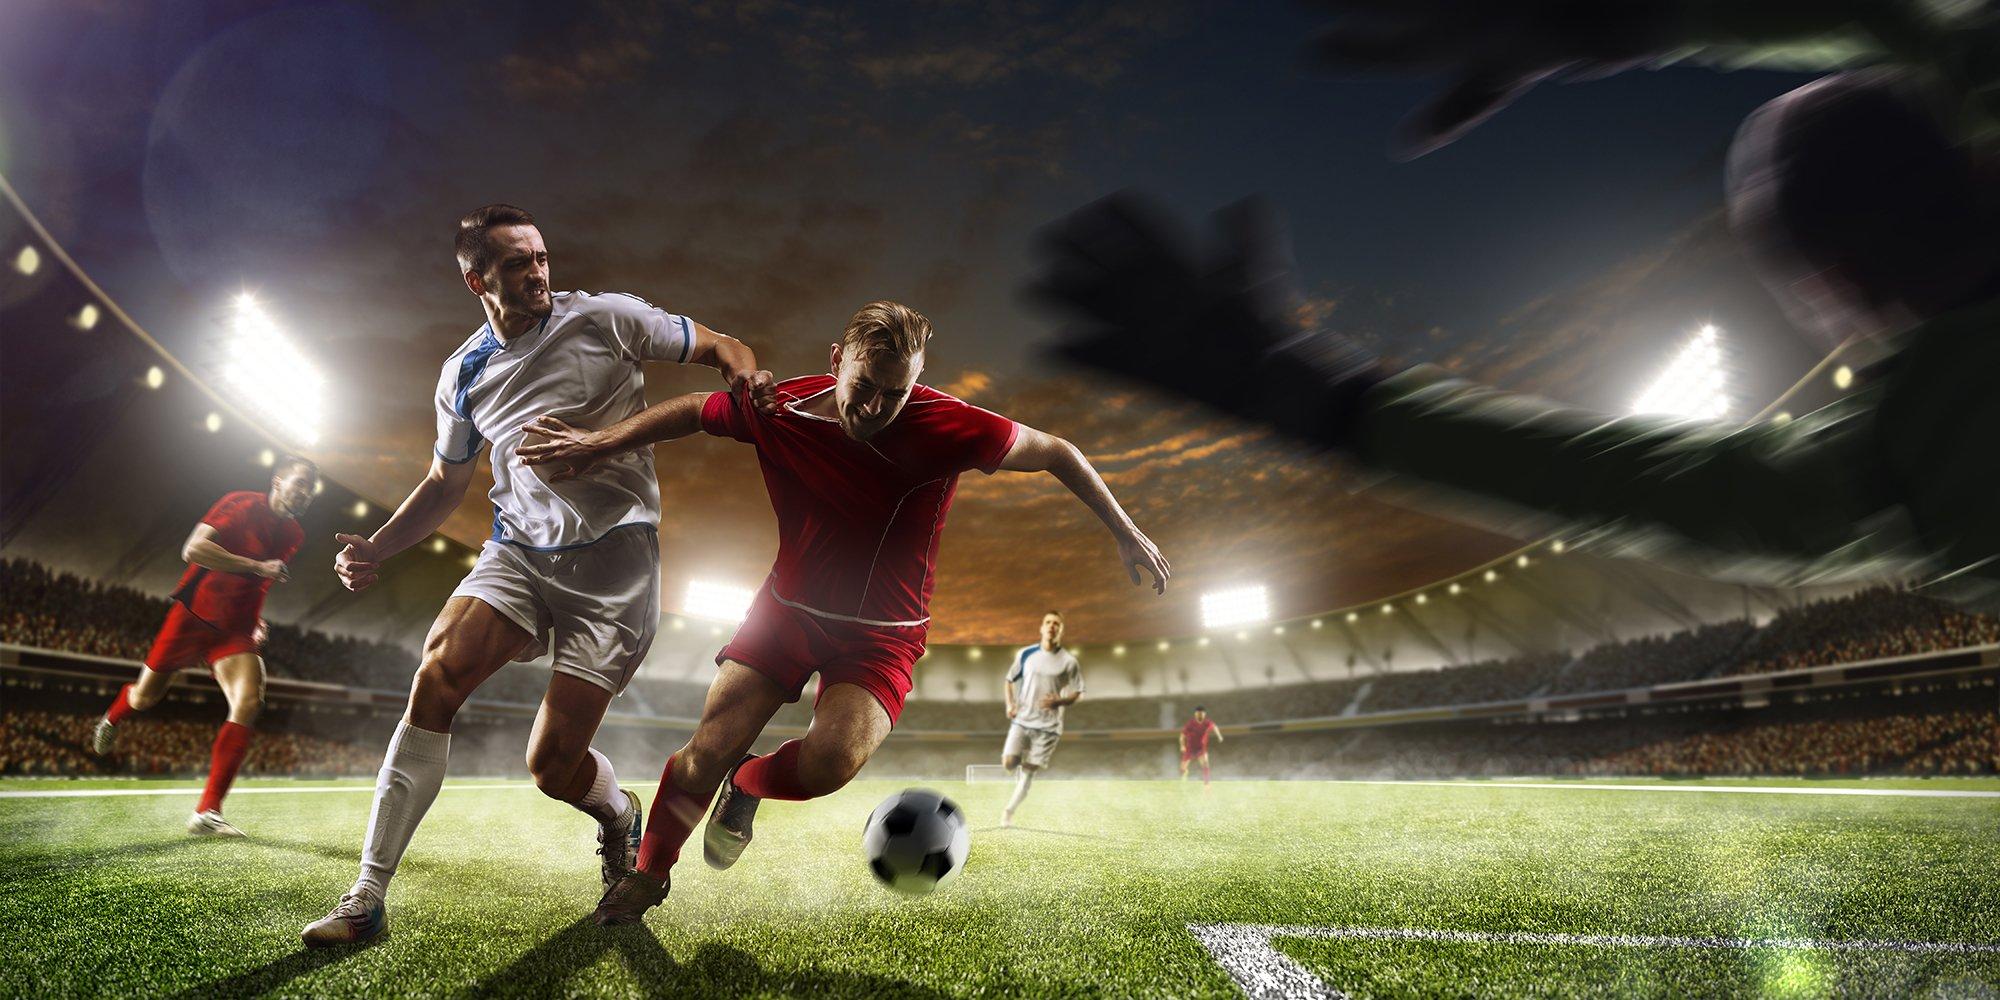 Elgiganten fodbold